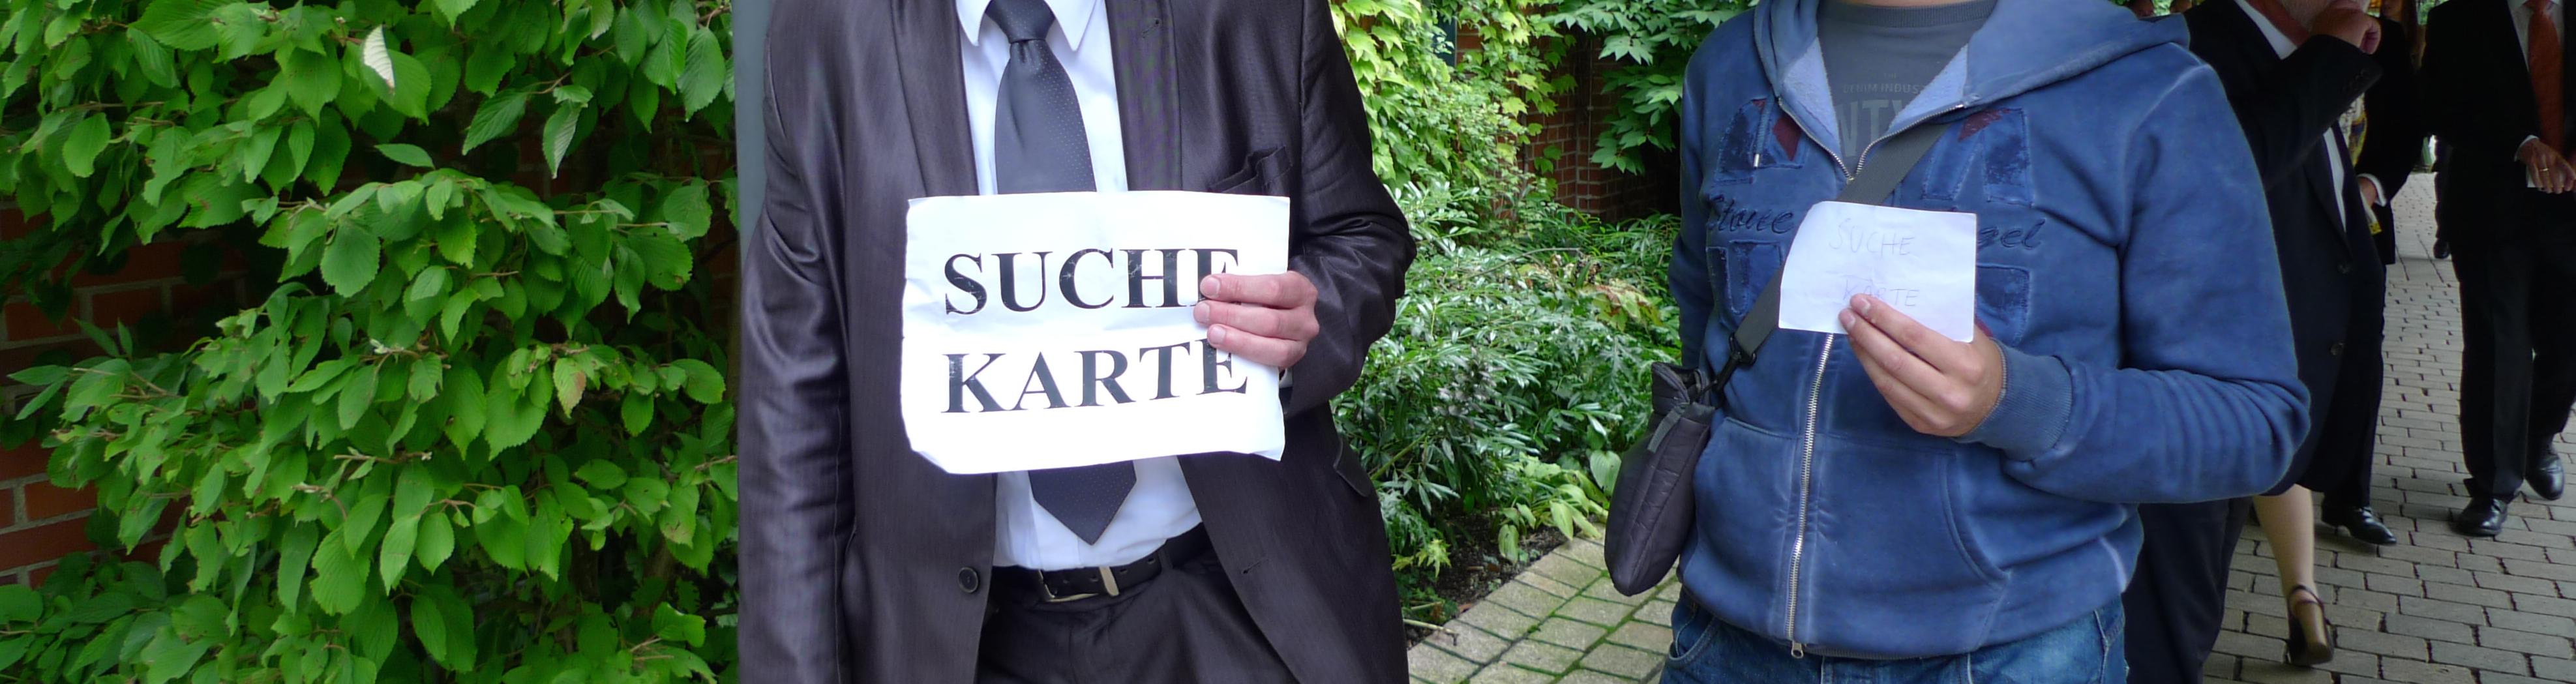 Die Chance auf eine Karte bei den Bayreuther Festspielen steigt 2015: Dann kommt die Hälfte des verfügbaren Kontingents in den Online-Verkauf. (Foto: ek)